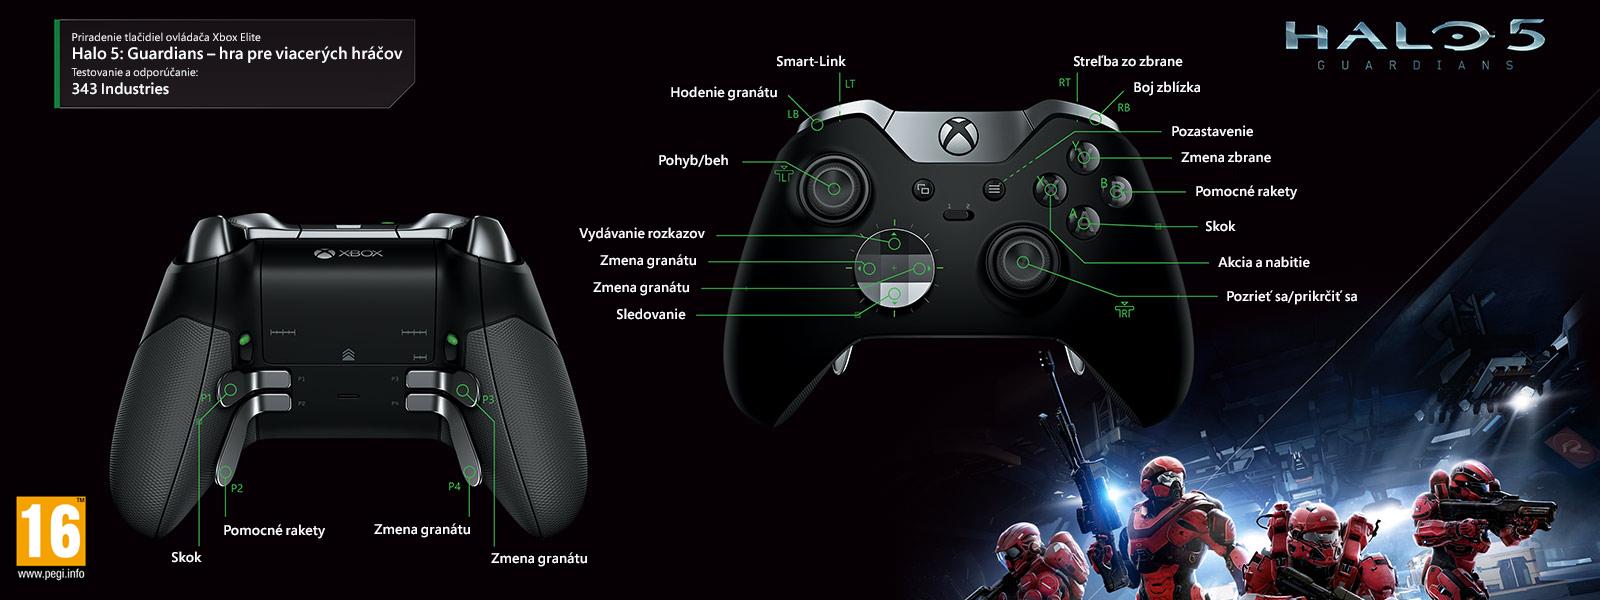 Mapovanie ovládača Elite k režimu pre viacerých hráčov v hre Halo 5: Guardians